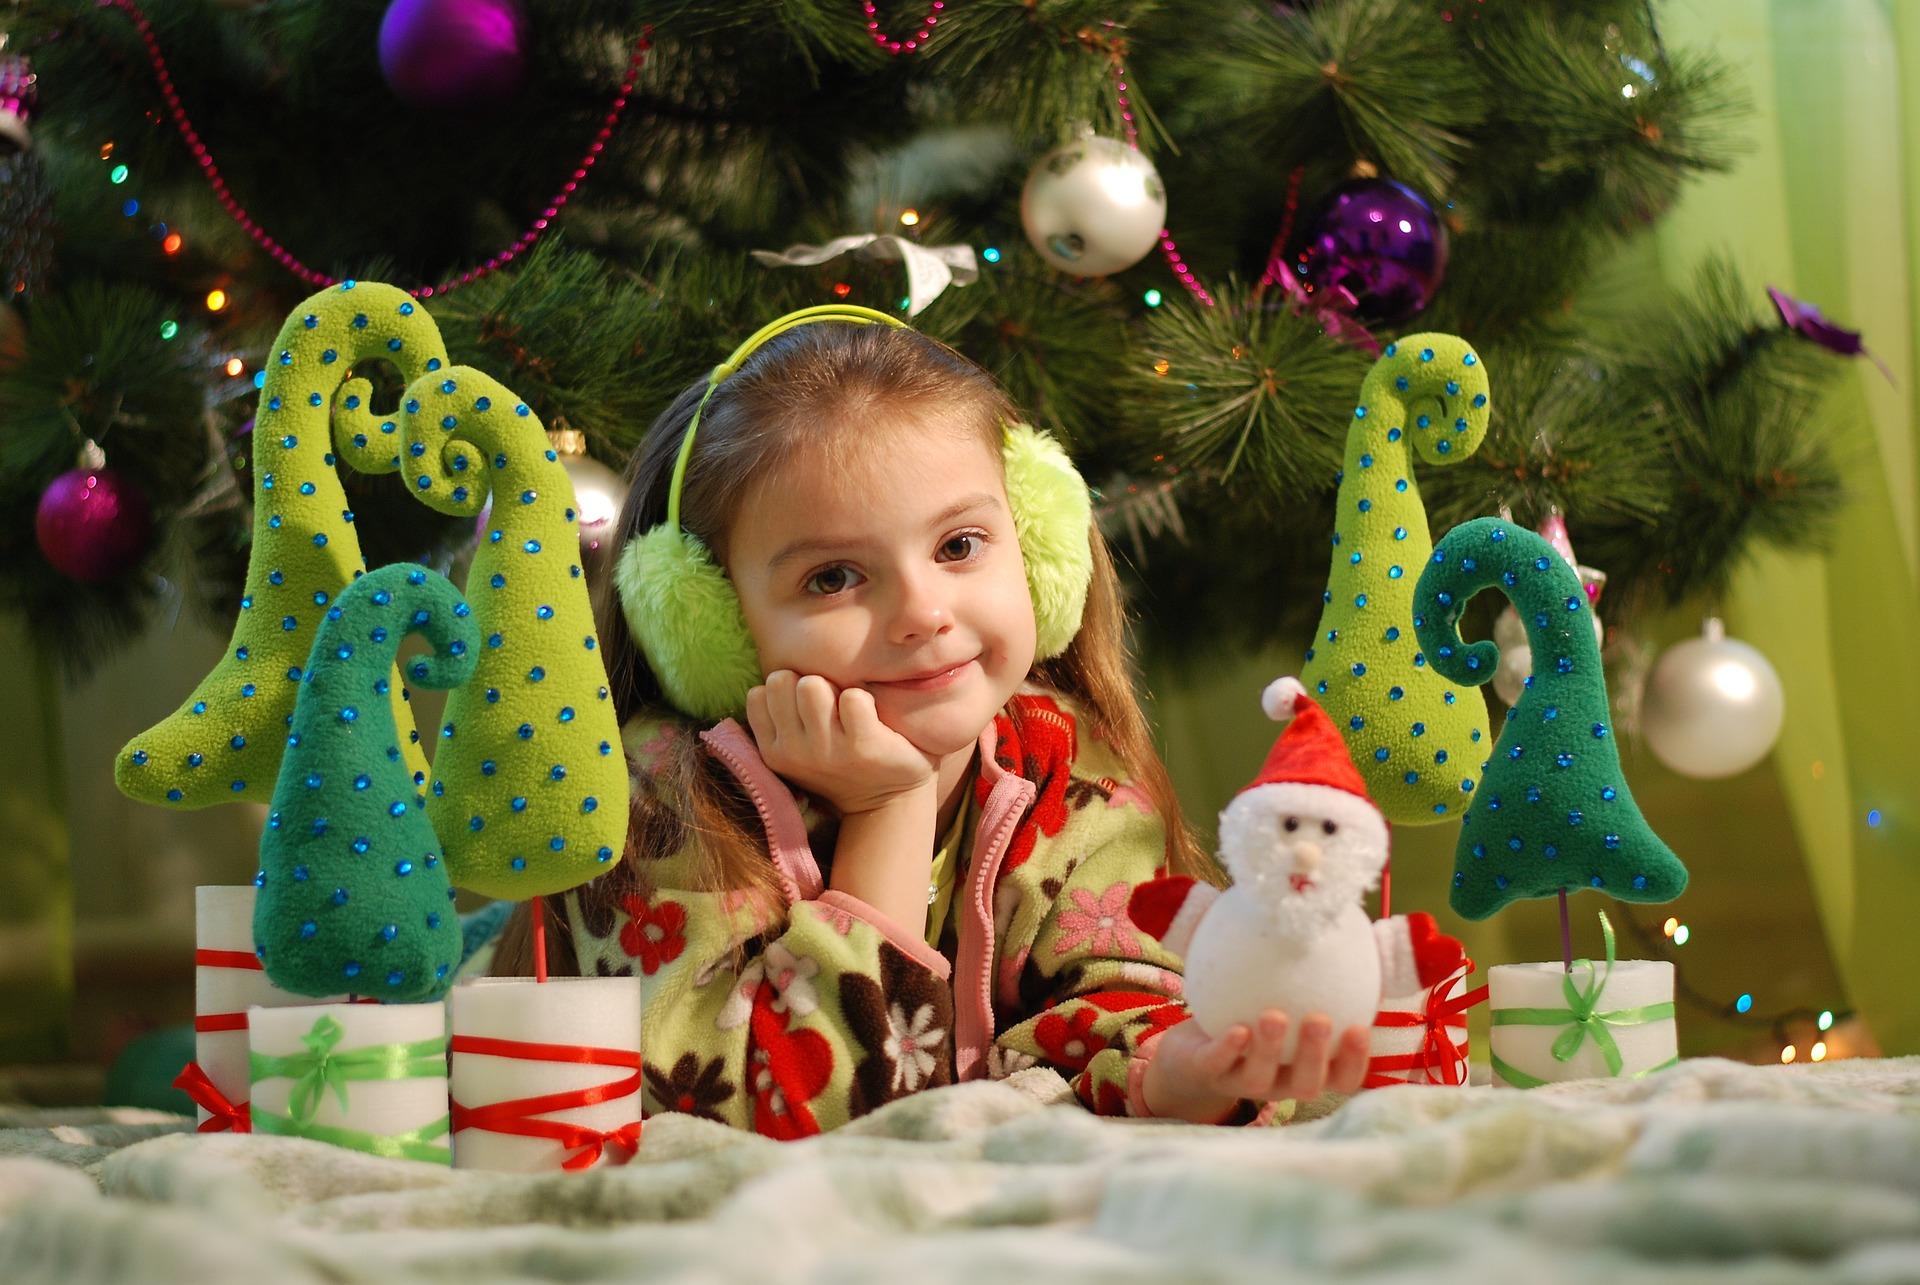 Αγοράζετε παιχνίδια για τα Χριστούγεννα; Μάθετε τι πρέπει να αποφύγετε!